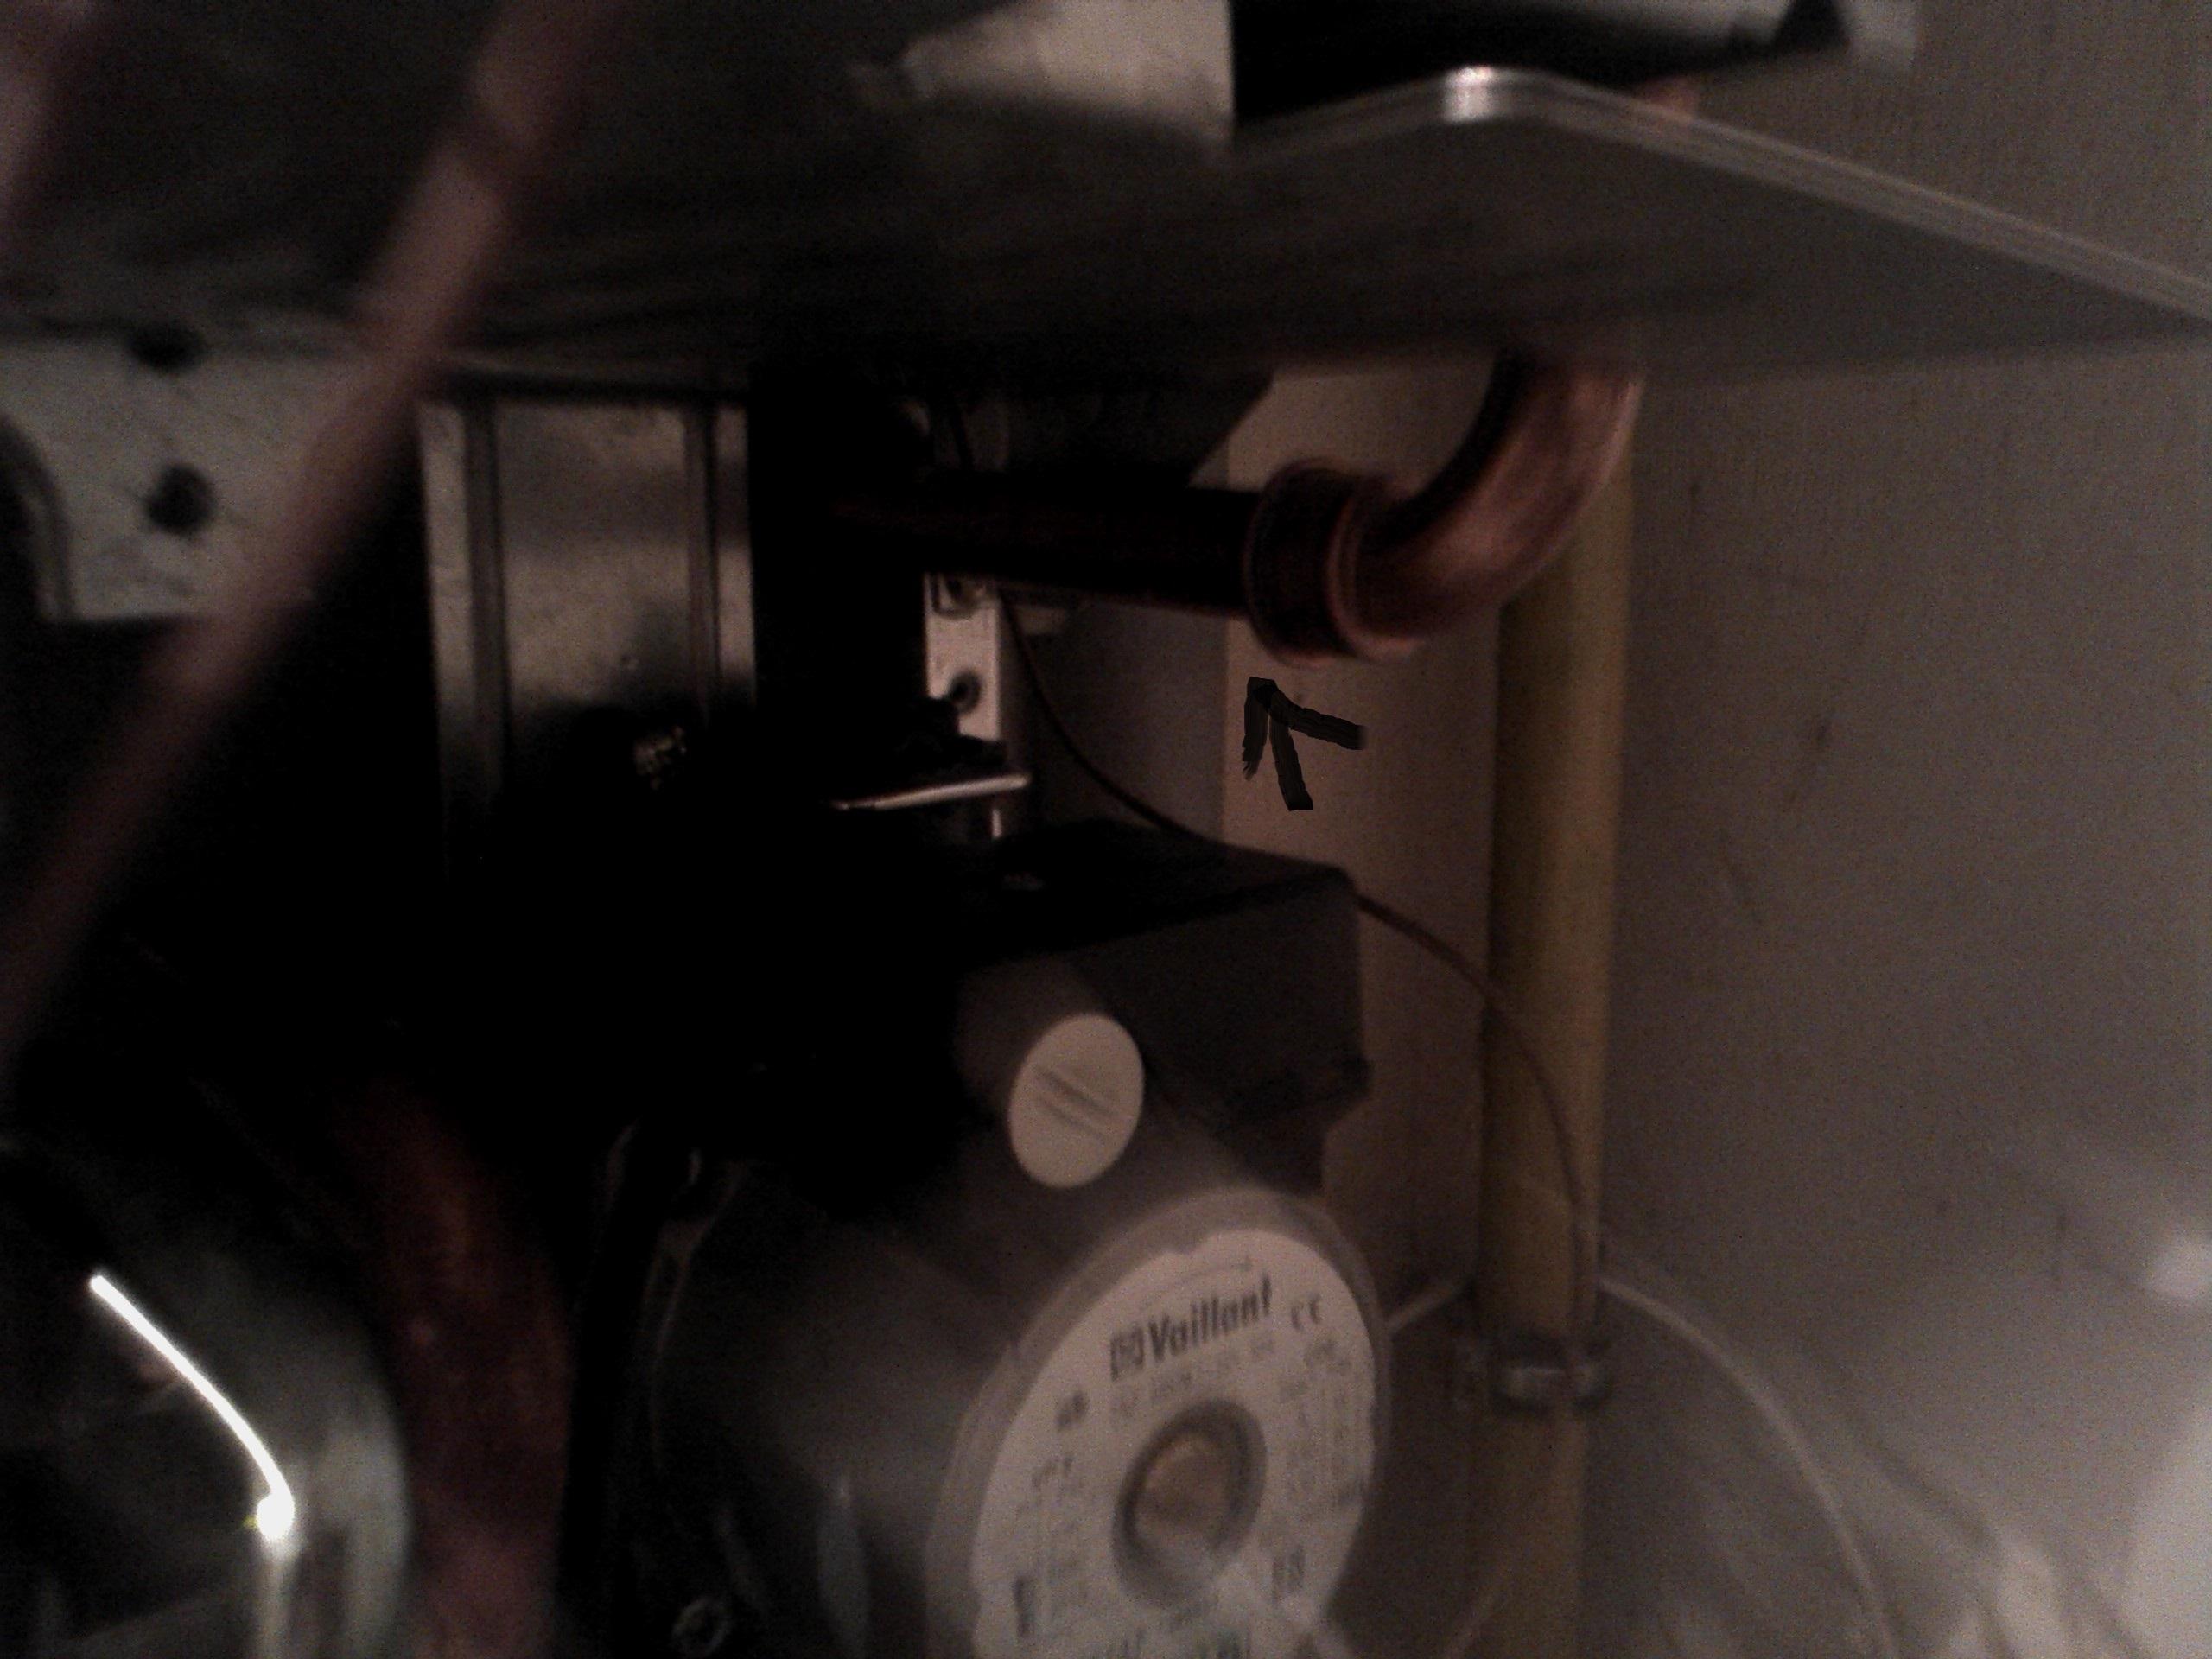 Vaillant atmoMAX 240-5 - Wyciek wody w kotle.